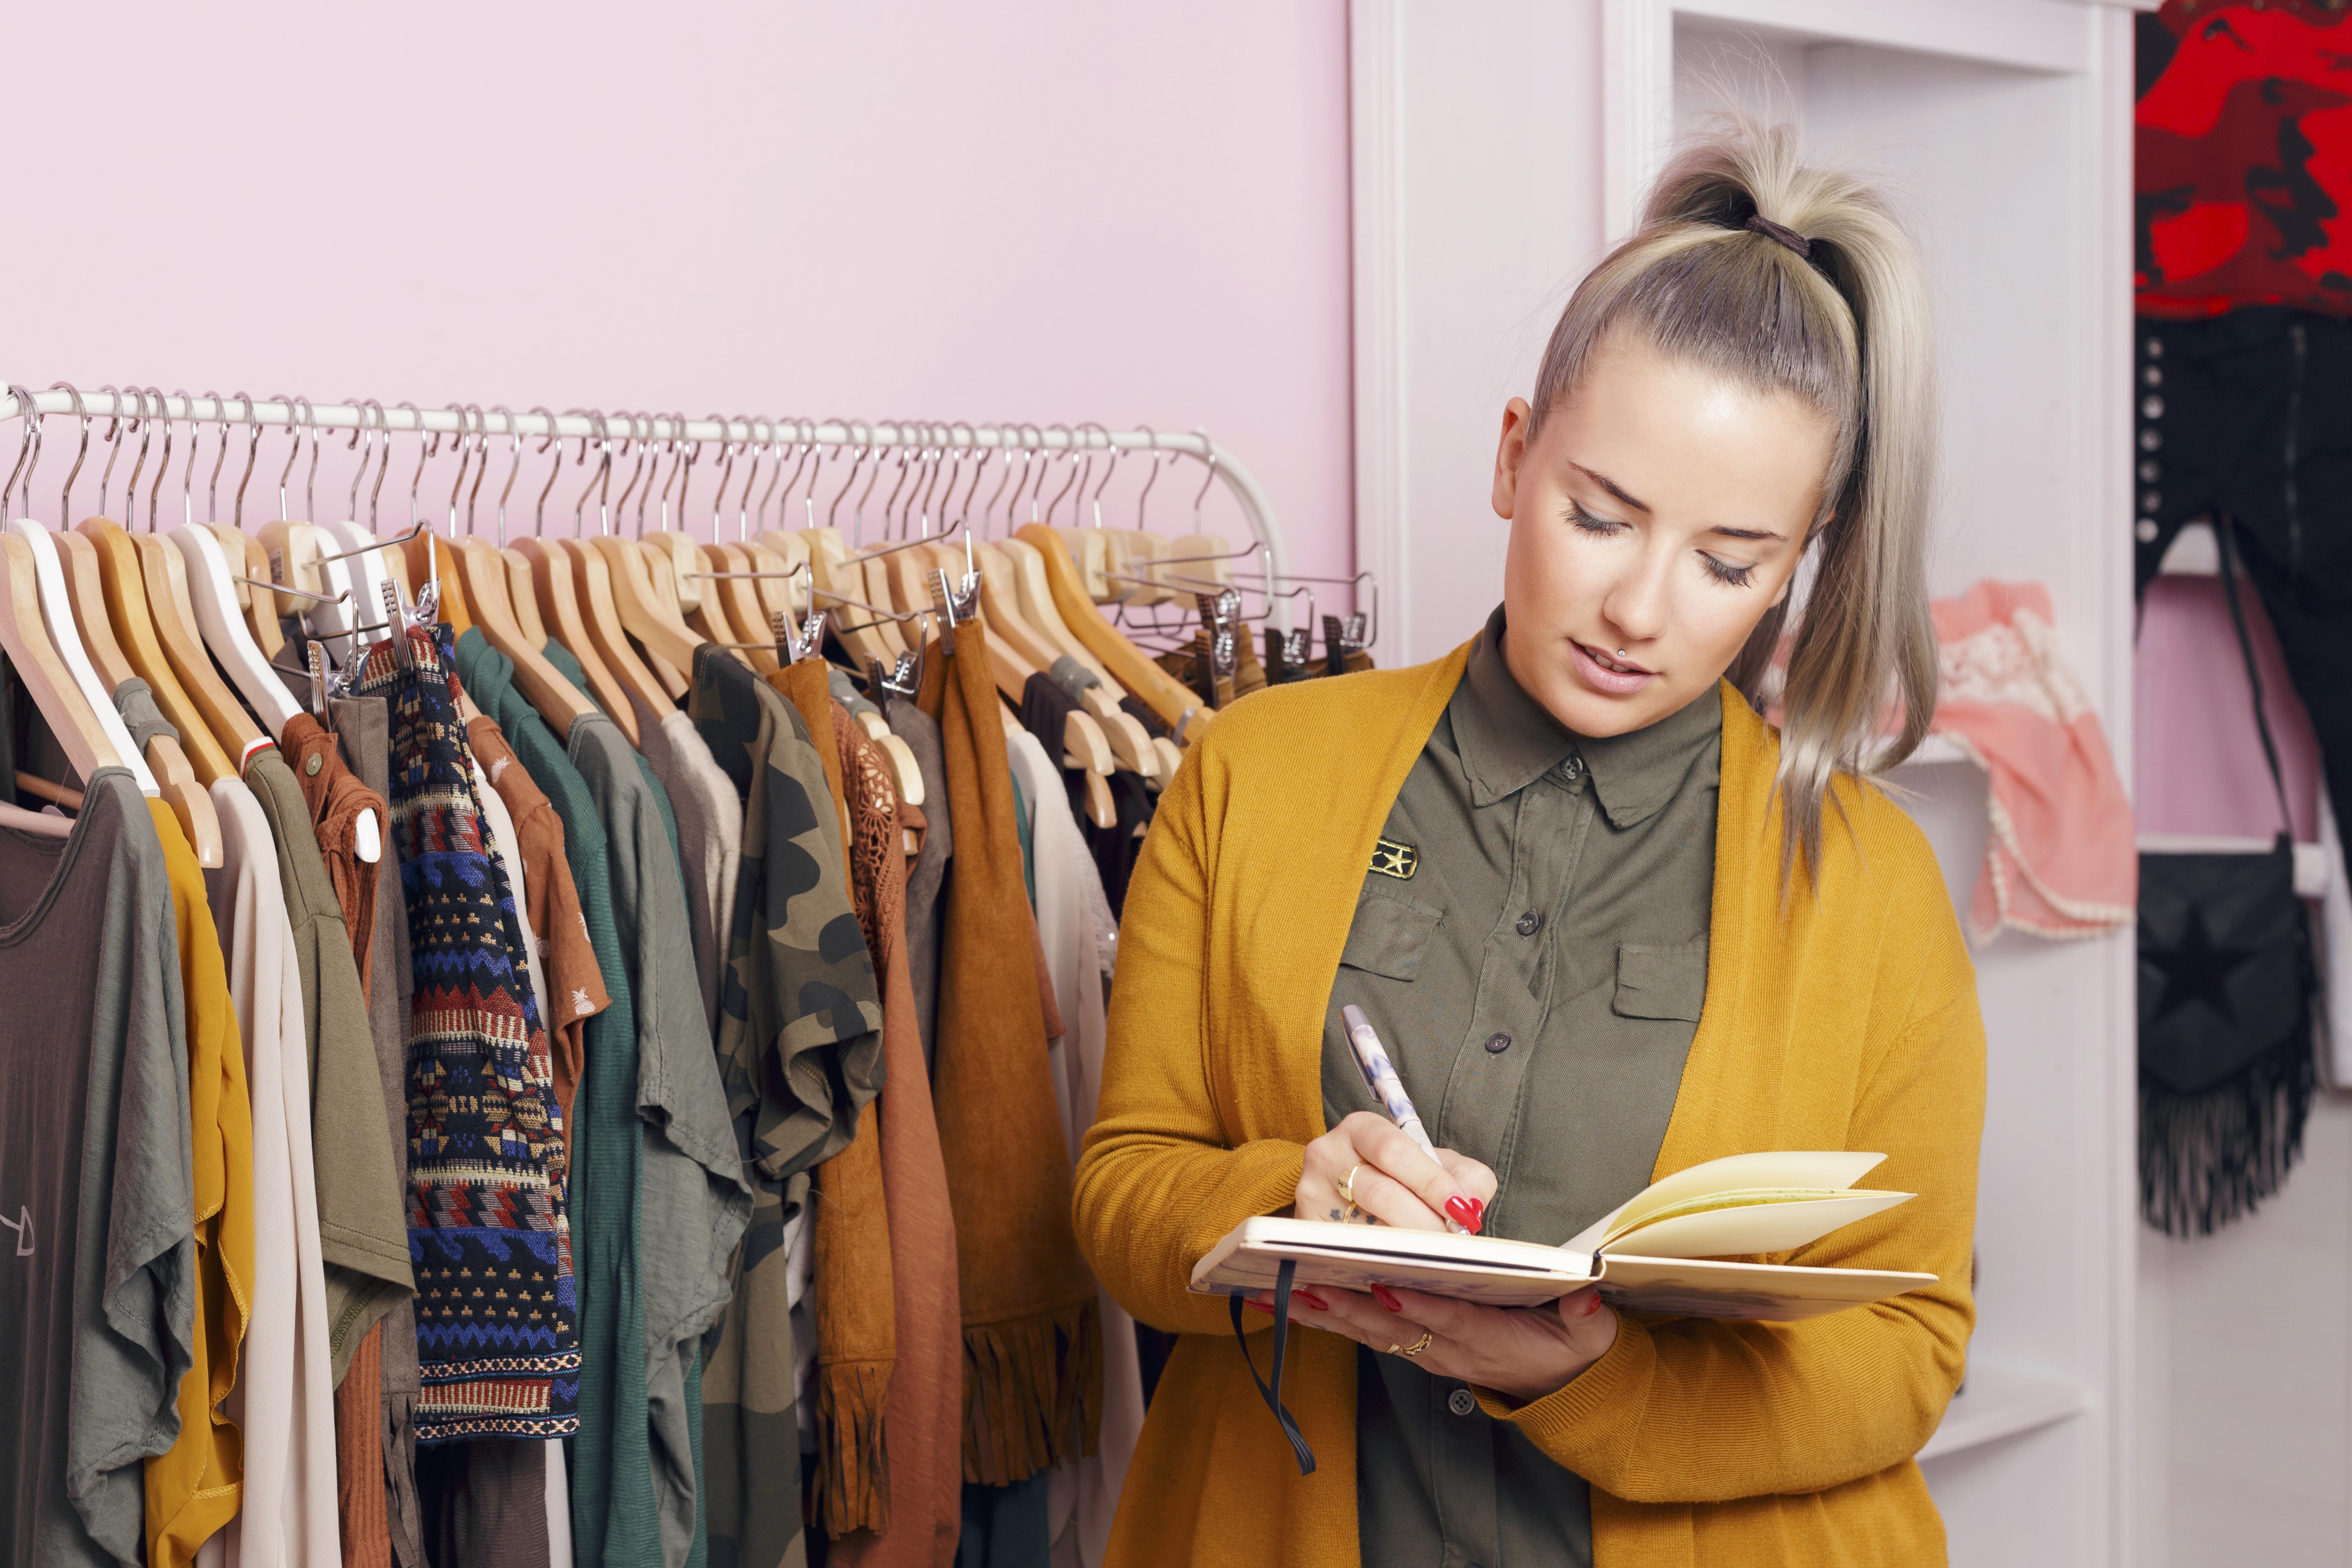 Як назвати магазин одягу: приклади та варіації посилу